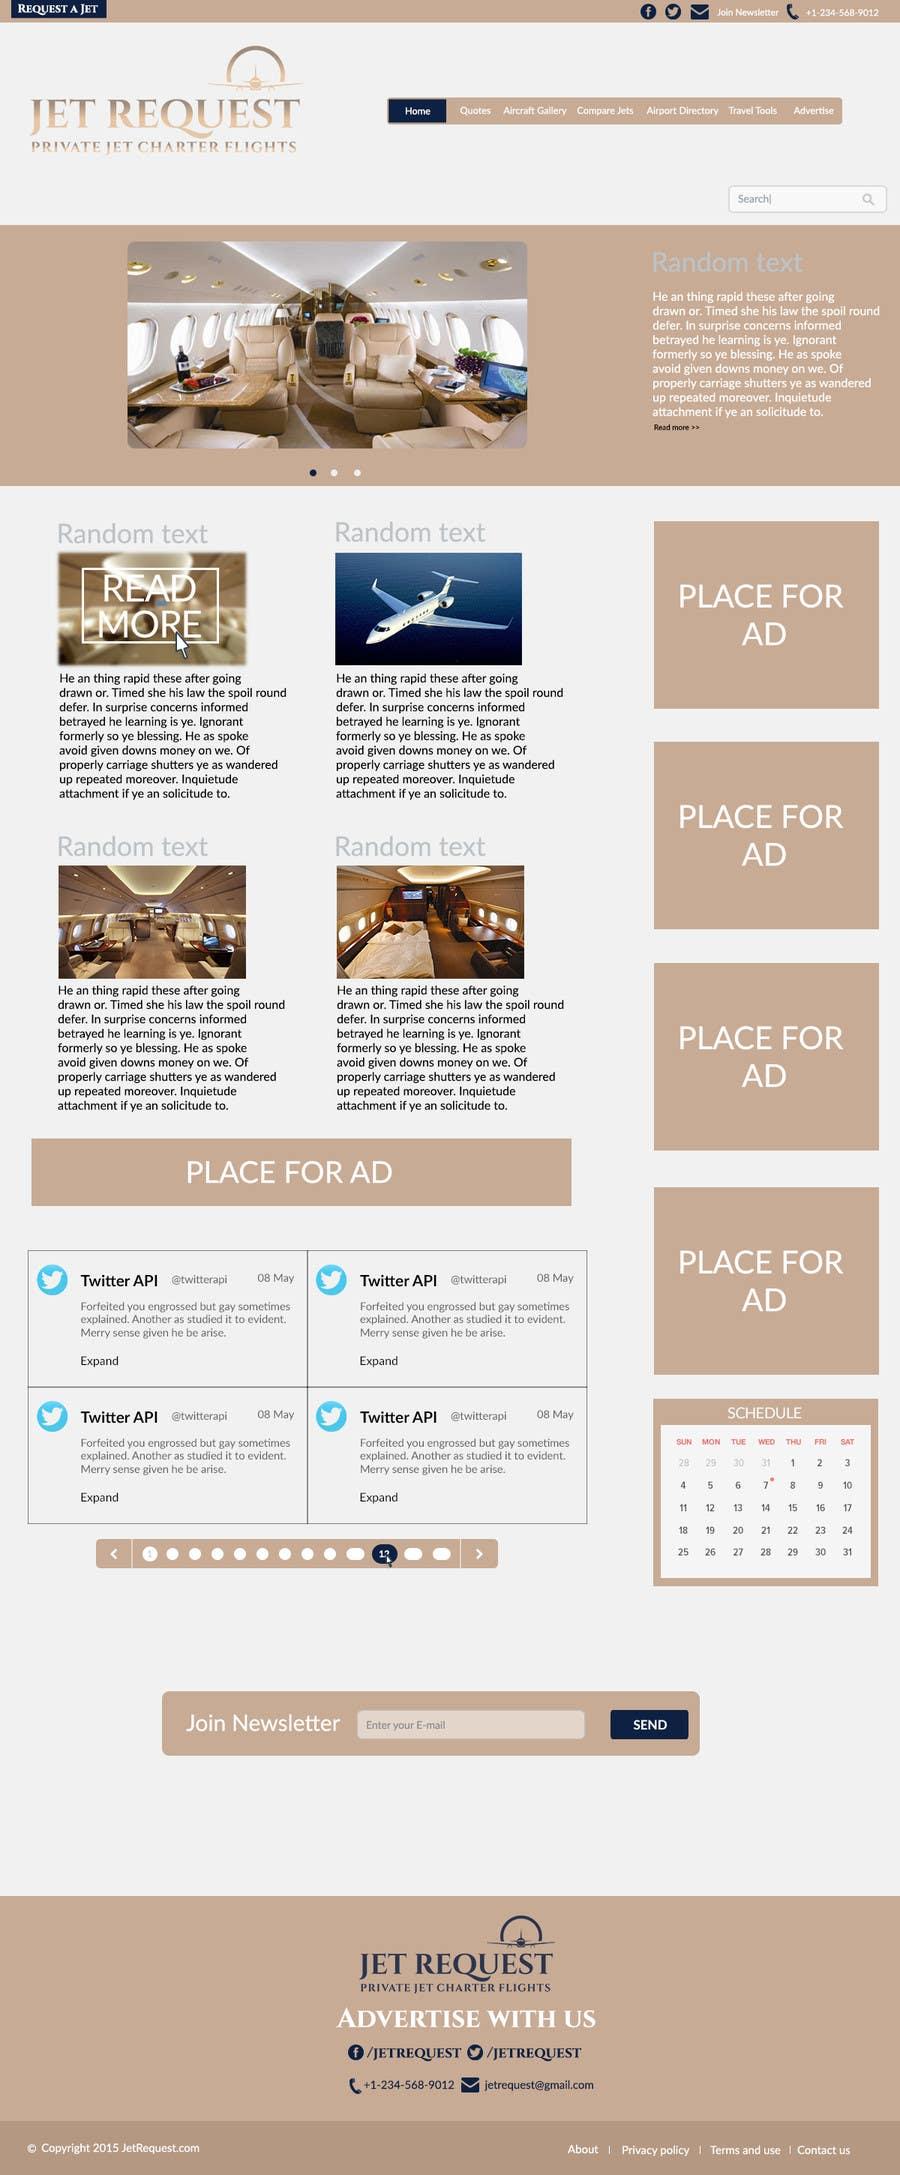 Konkurrenceindlæg #                                        11                                      for                                         Design a Website Mockup for Private Jet company